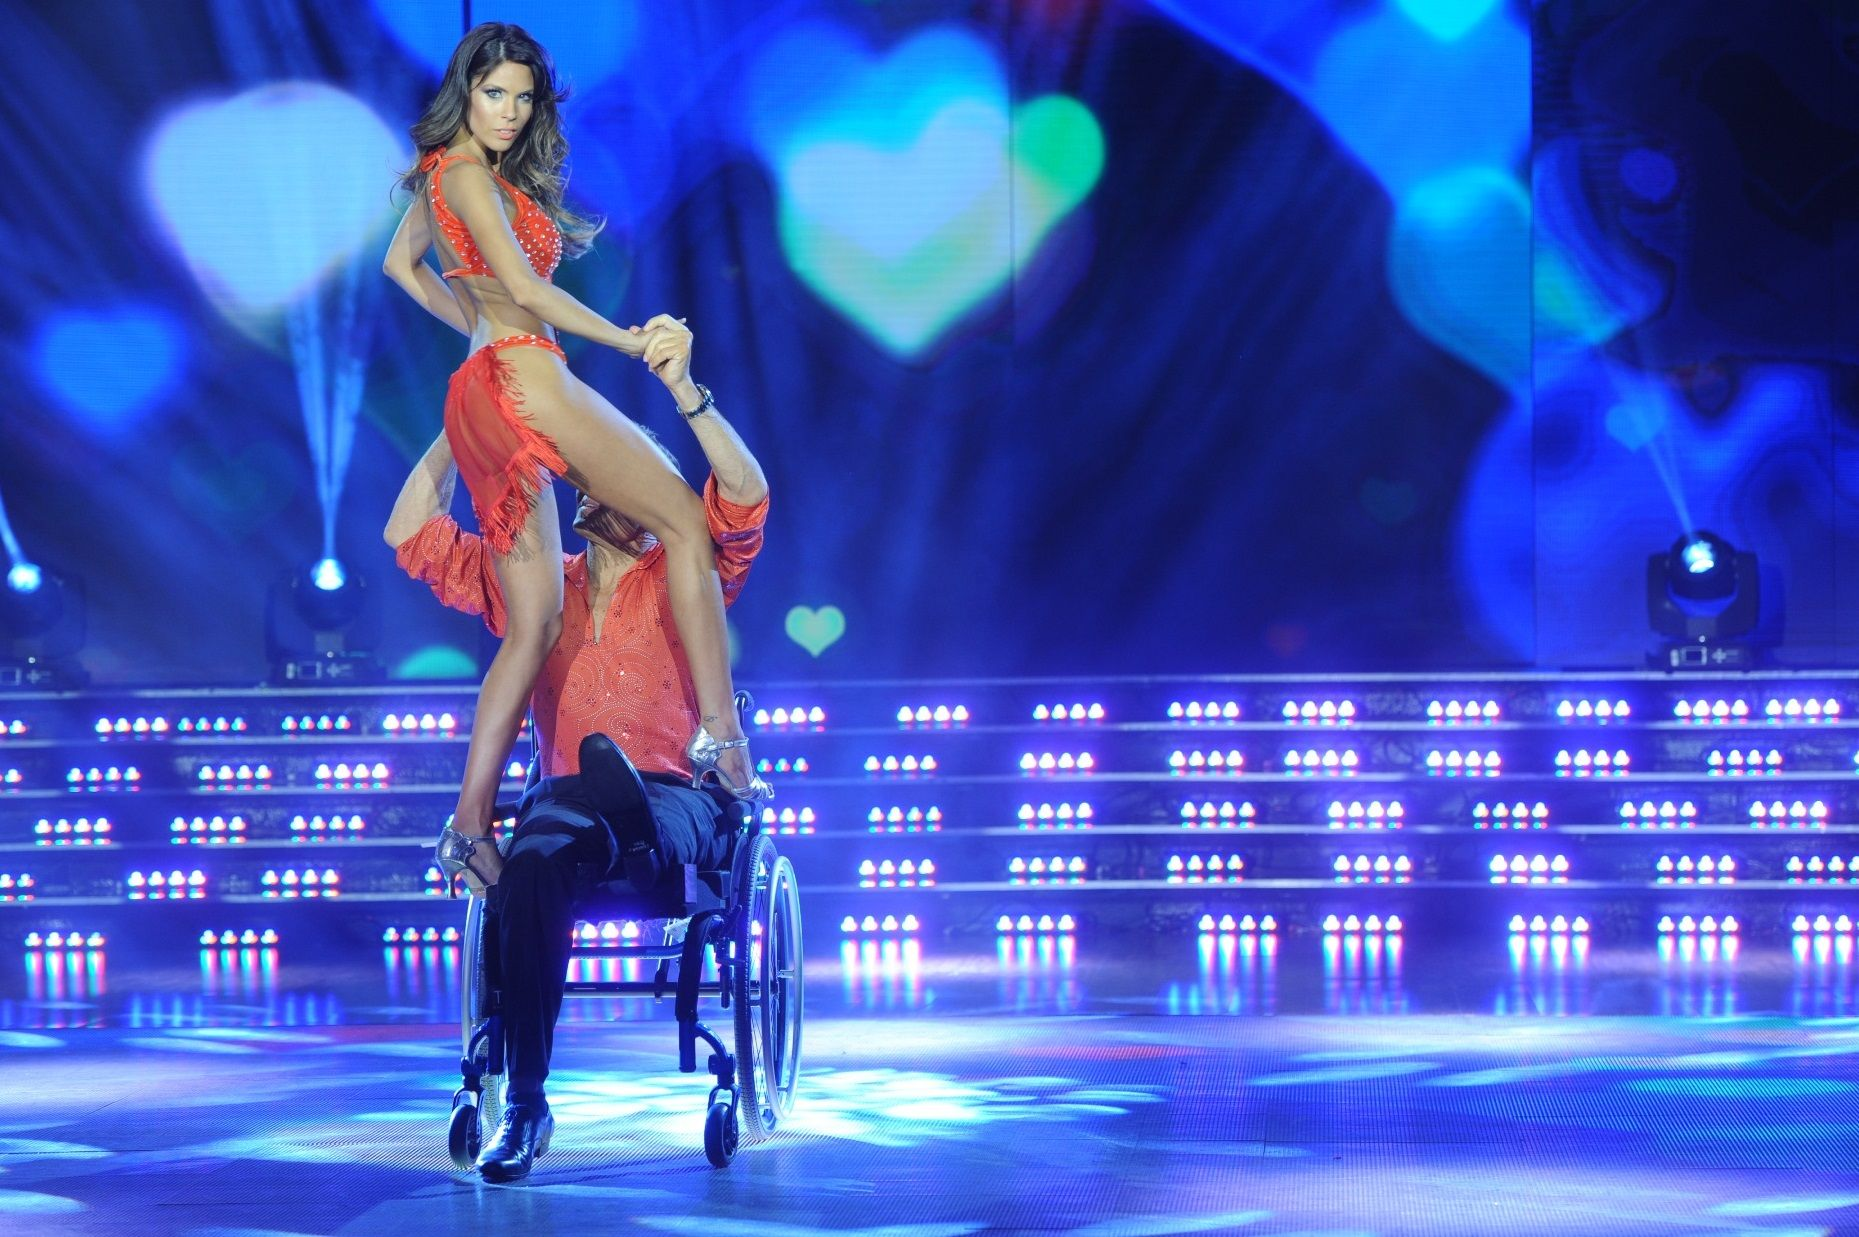 La coreografía más sensual de Barby Franco: lomazo al descubierto  ¡y movimientos arriba de la silla de ruedas!